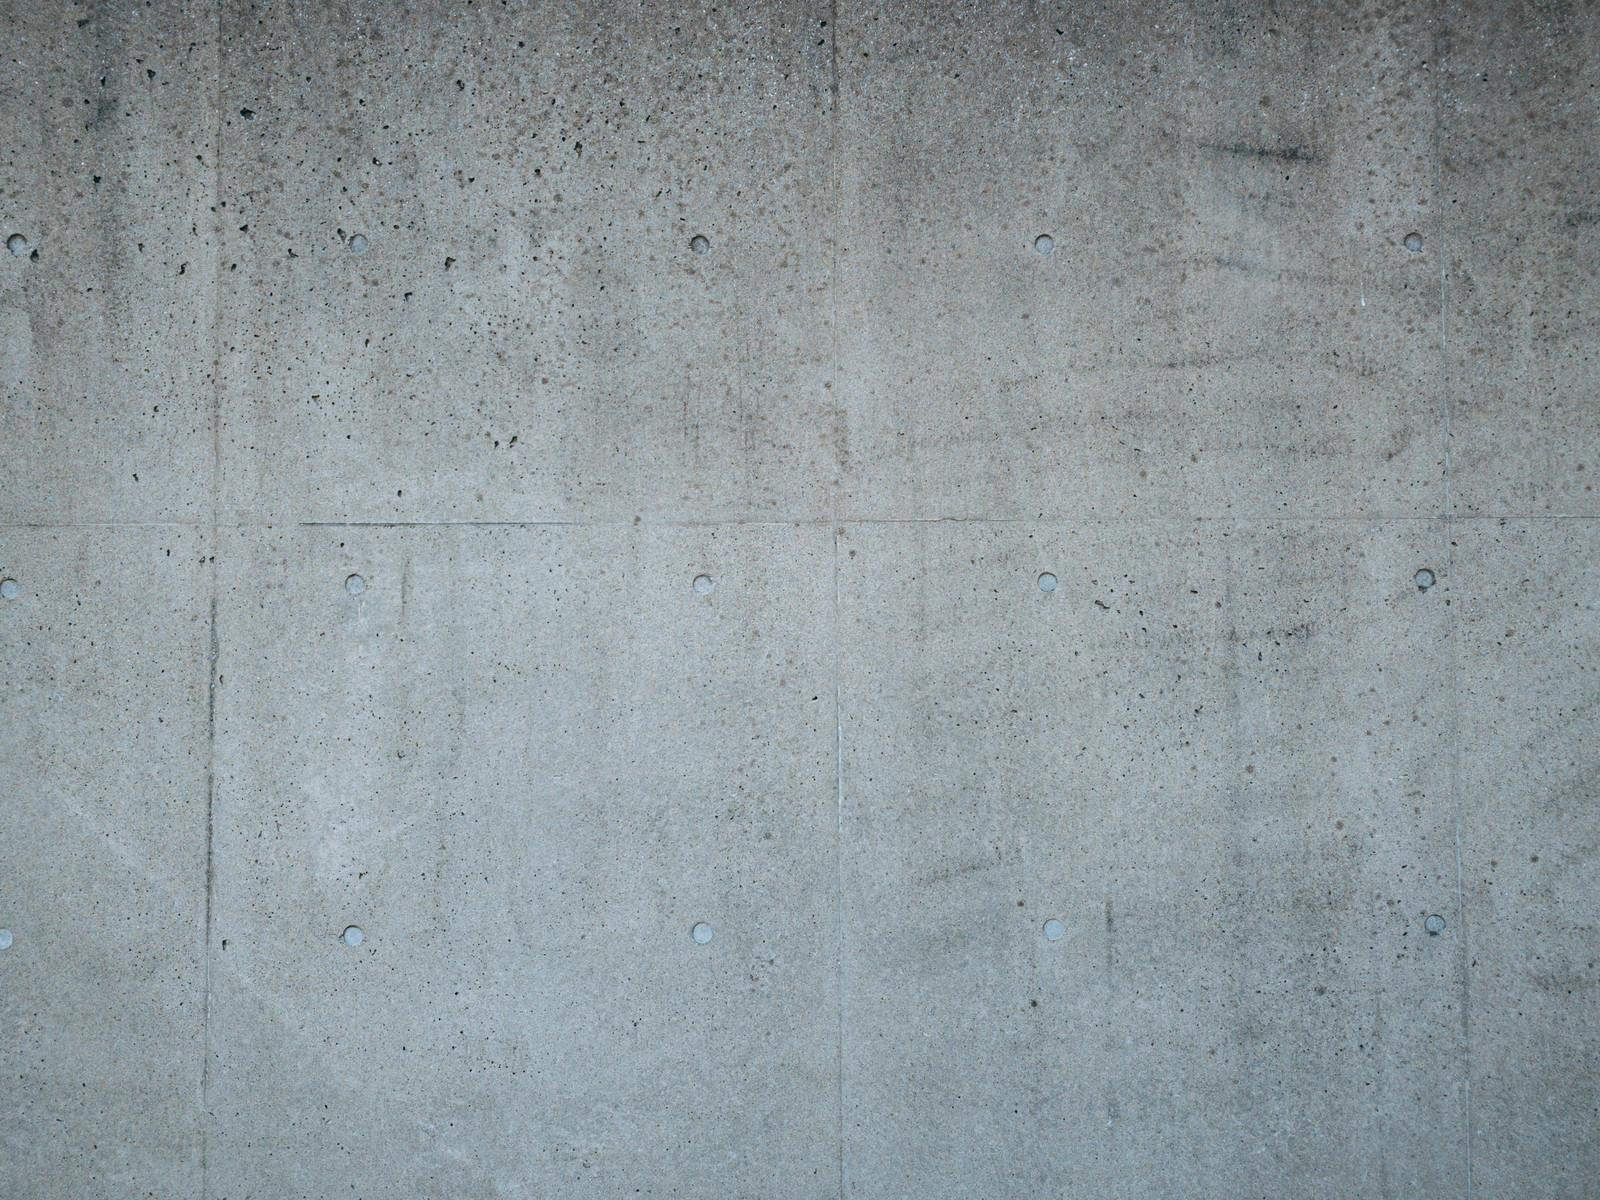 「汚れが付着した打ちっぱなしのコンクリート」の写真